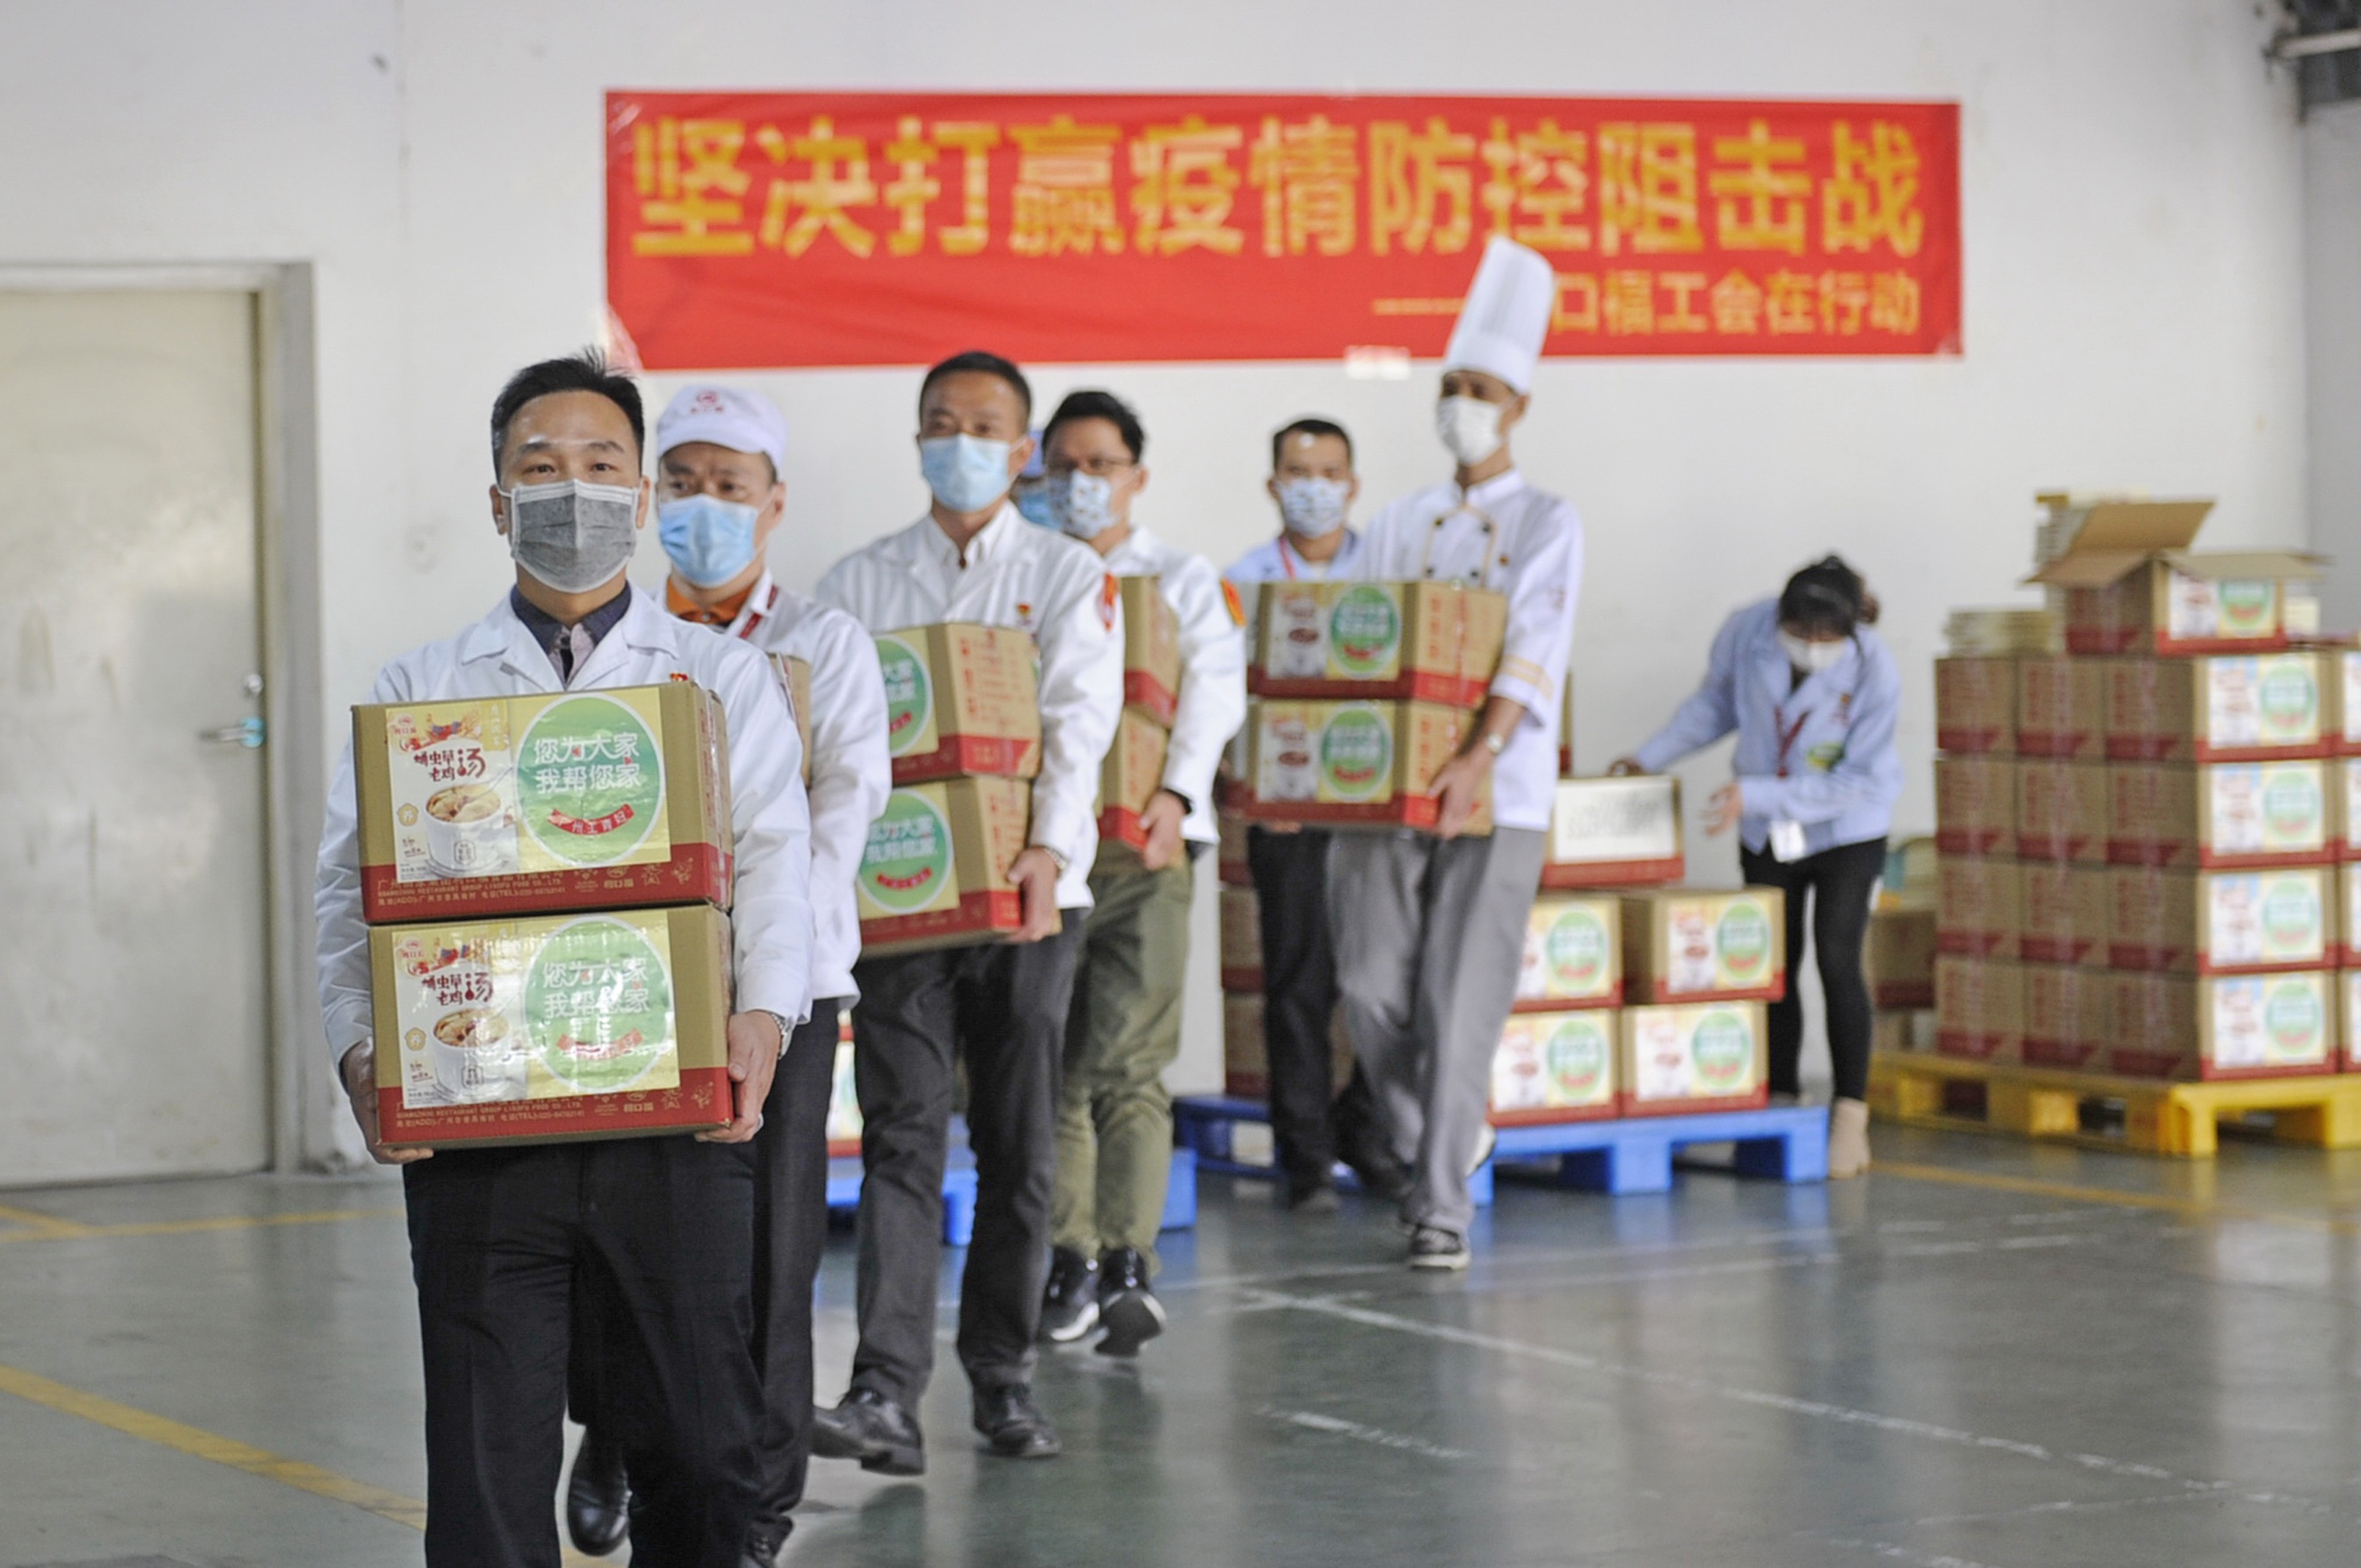 粤菜师傅精心制作 驰援湖北荆州的医疗队员喝上了广府靓汤